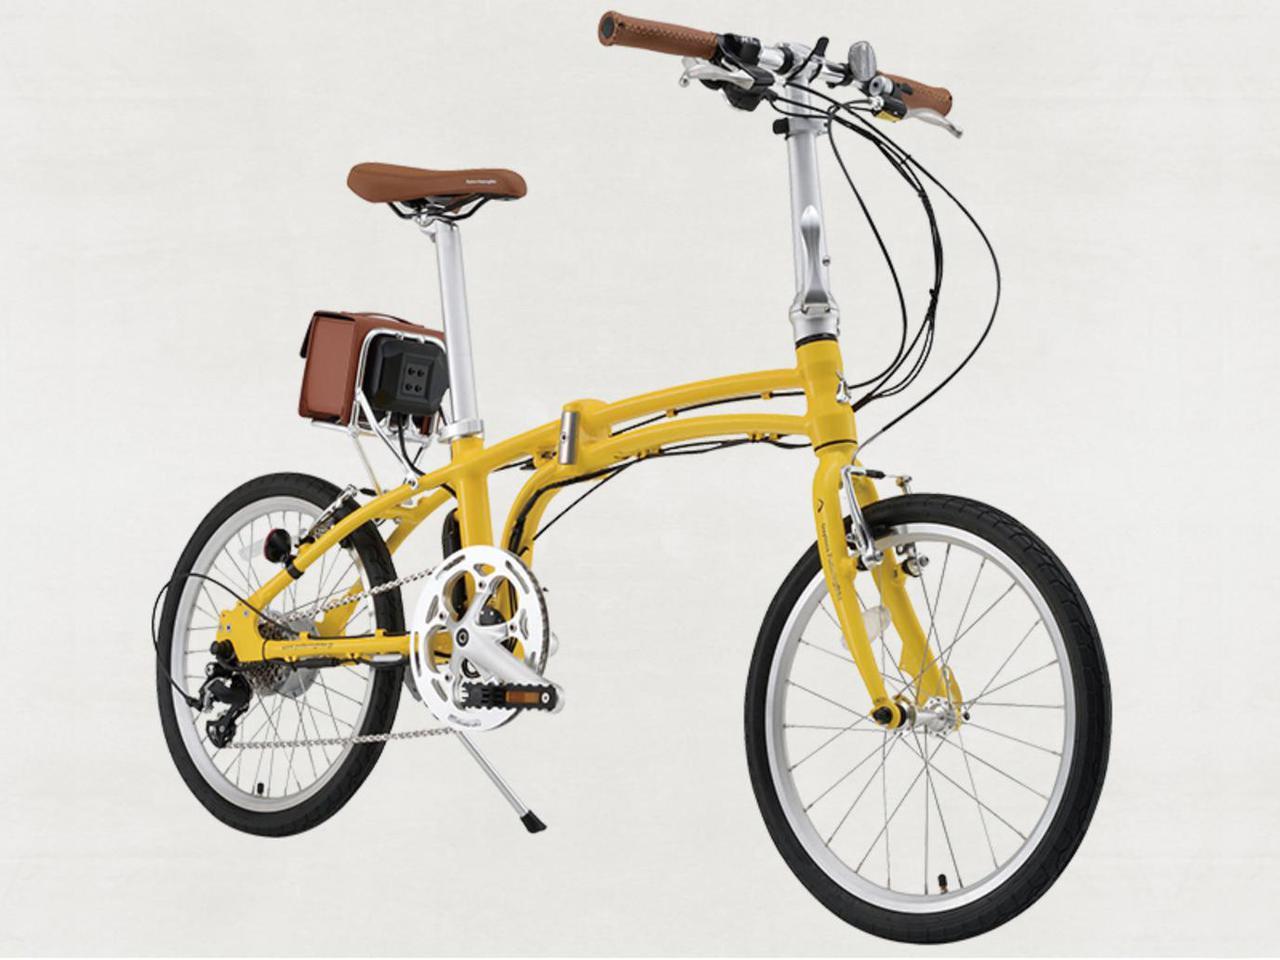 電動アシストに見えない【折りたたみ式電動アシスト自転車】。バイクパーツメーカー、デイトナ渾身の作